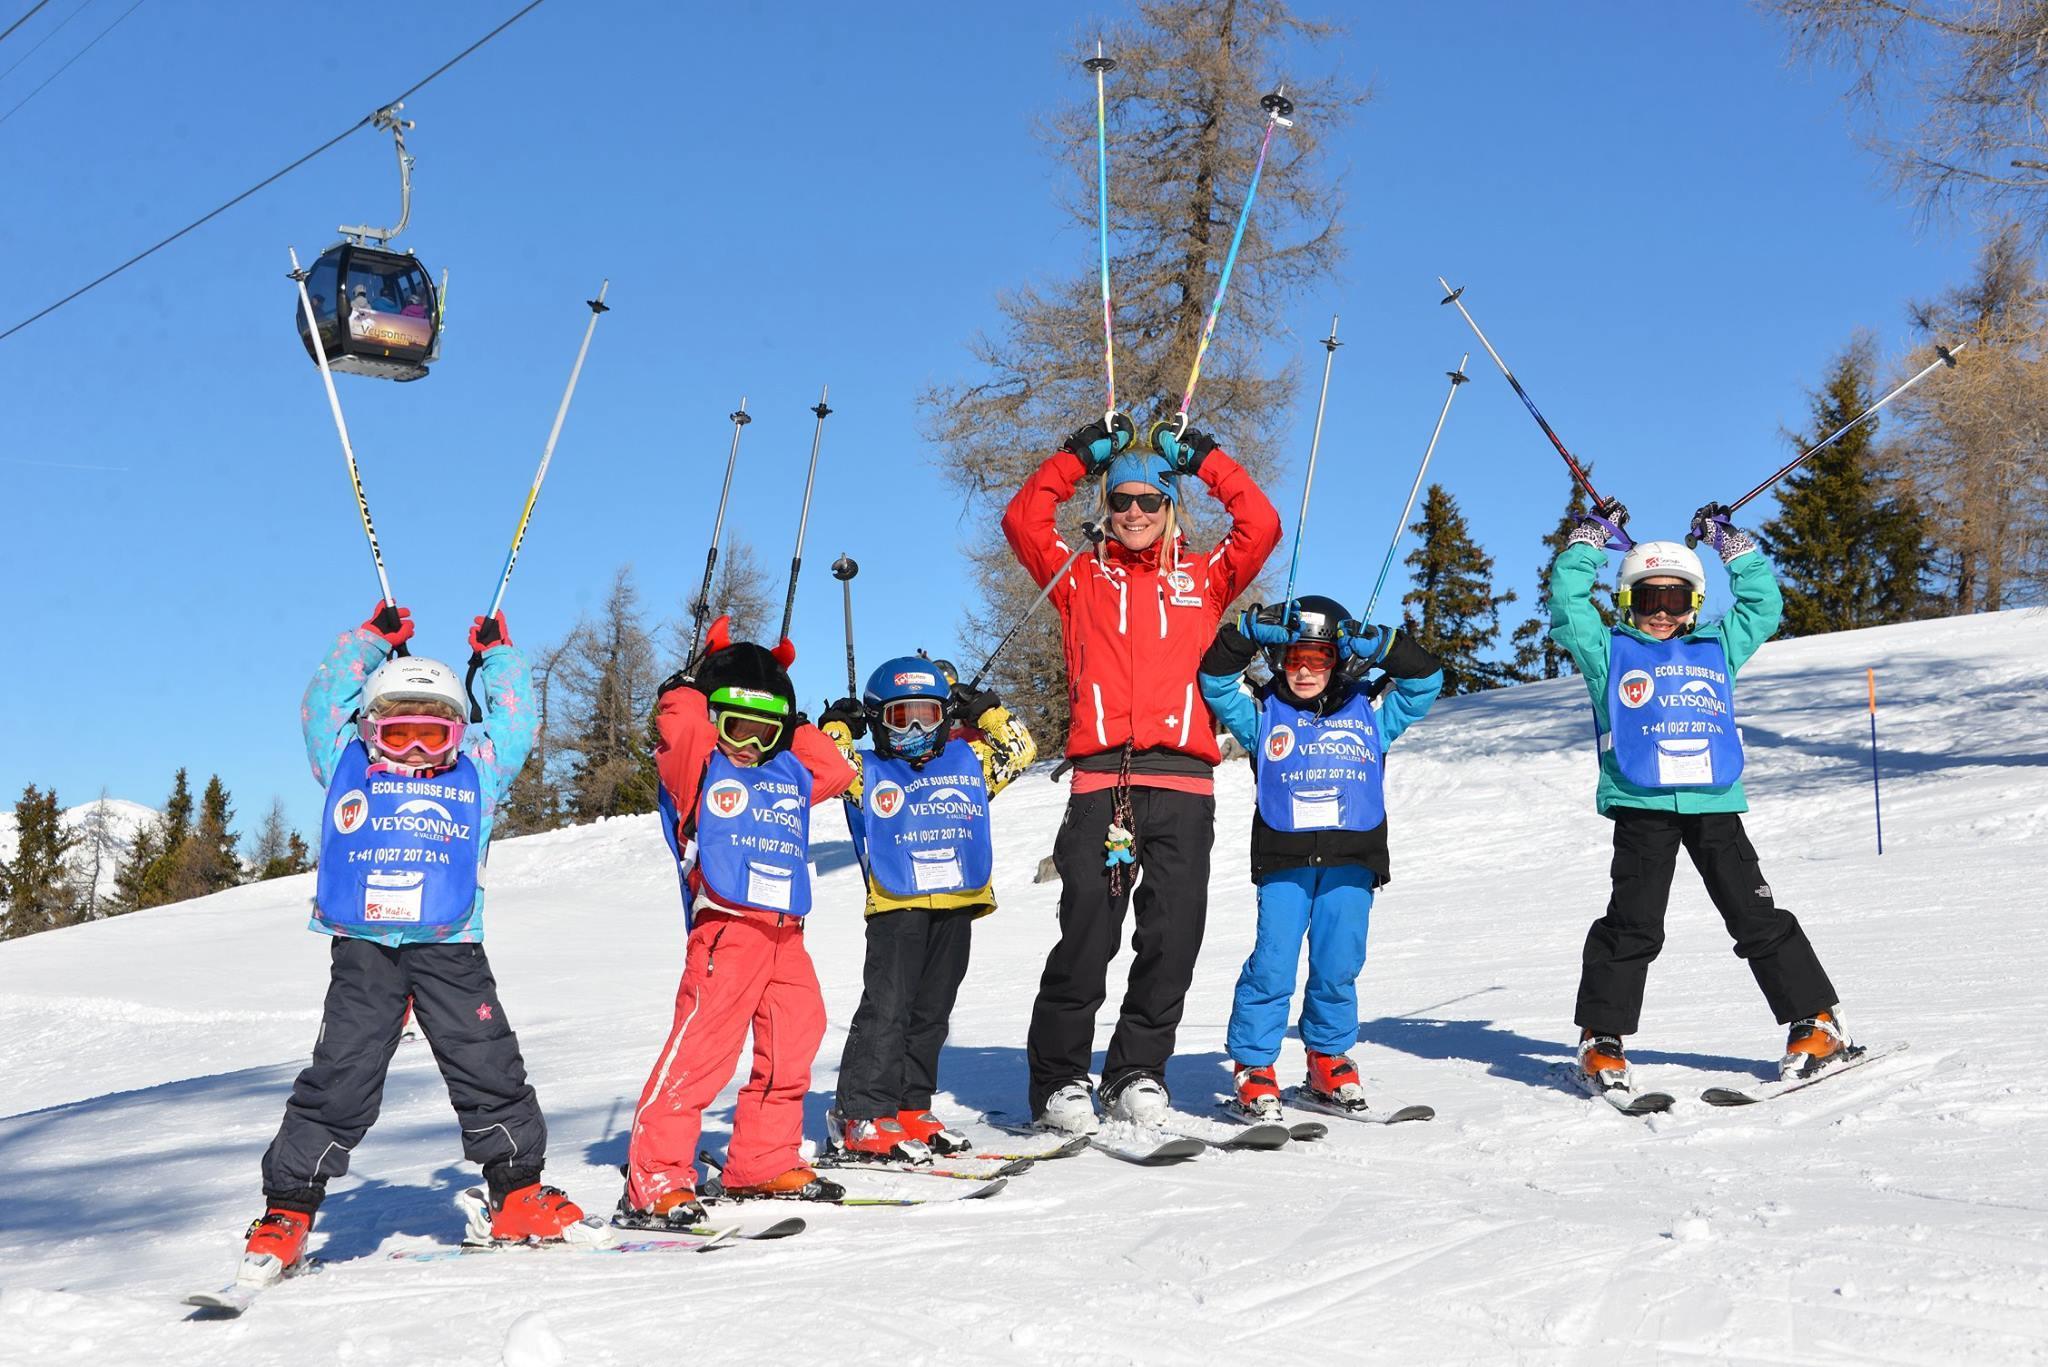 Cours de ski Enfants (6-12 ans) - Expérimentés - Matin